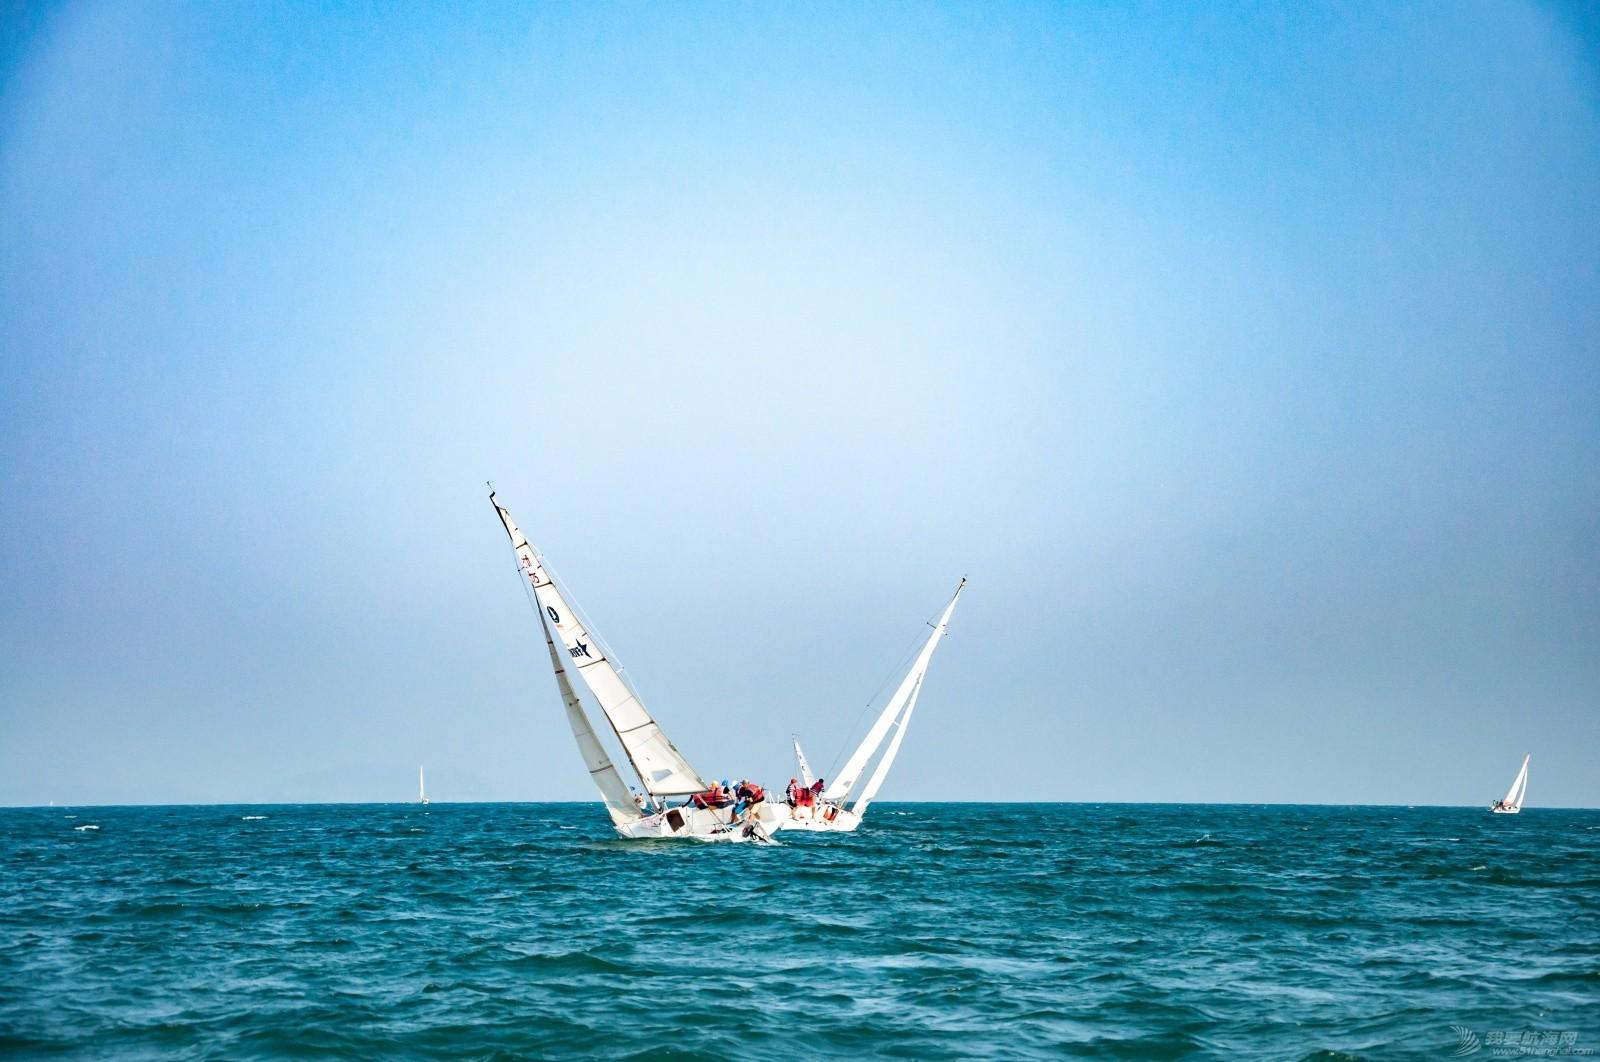 【2015大鹏杯帆船赛】22号下午第二辑(54图) s061.jpg